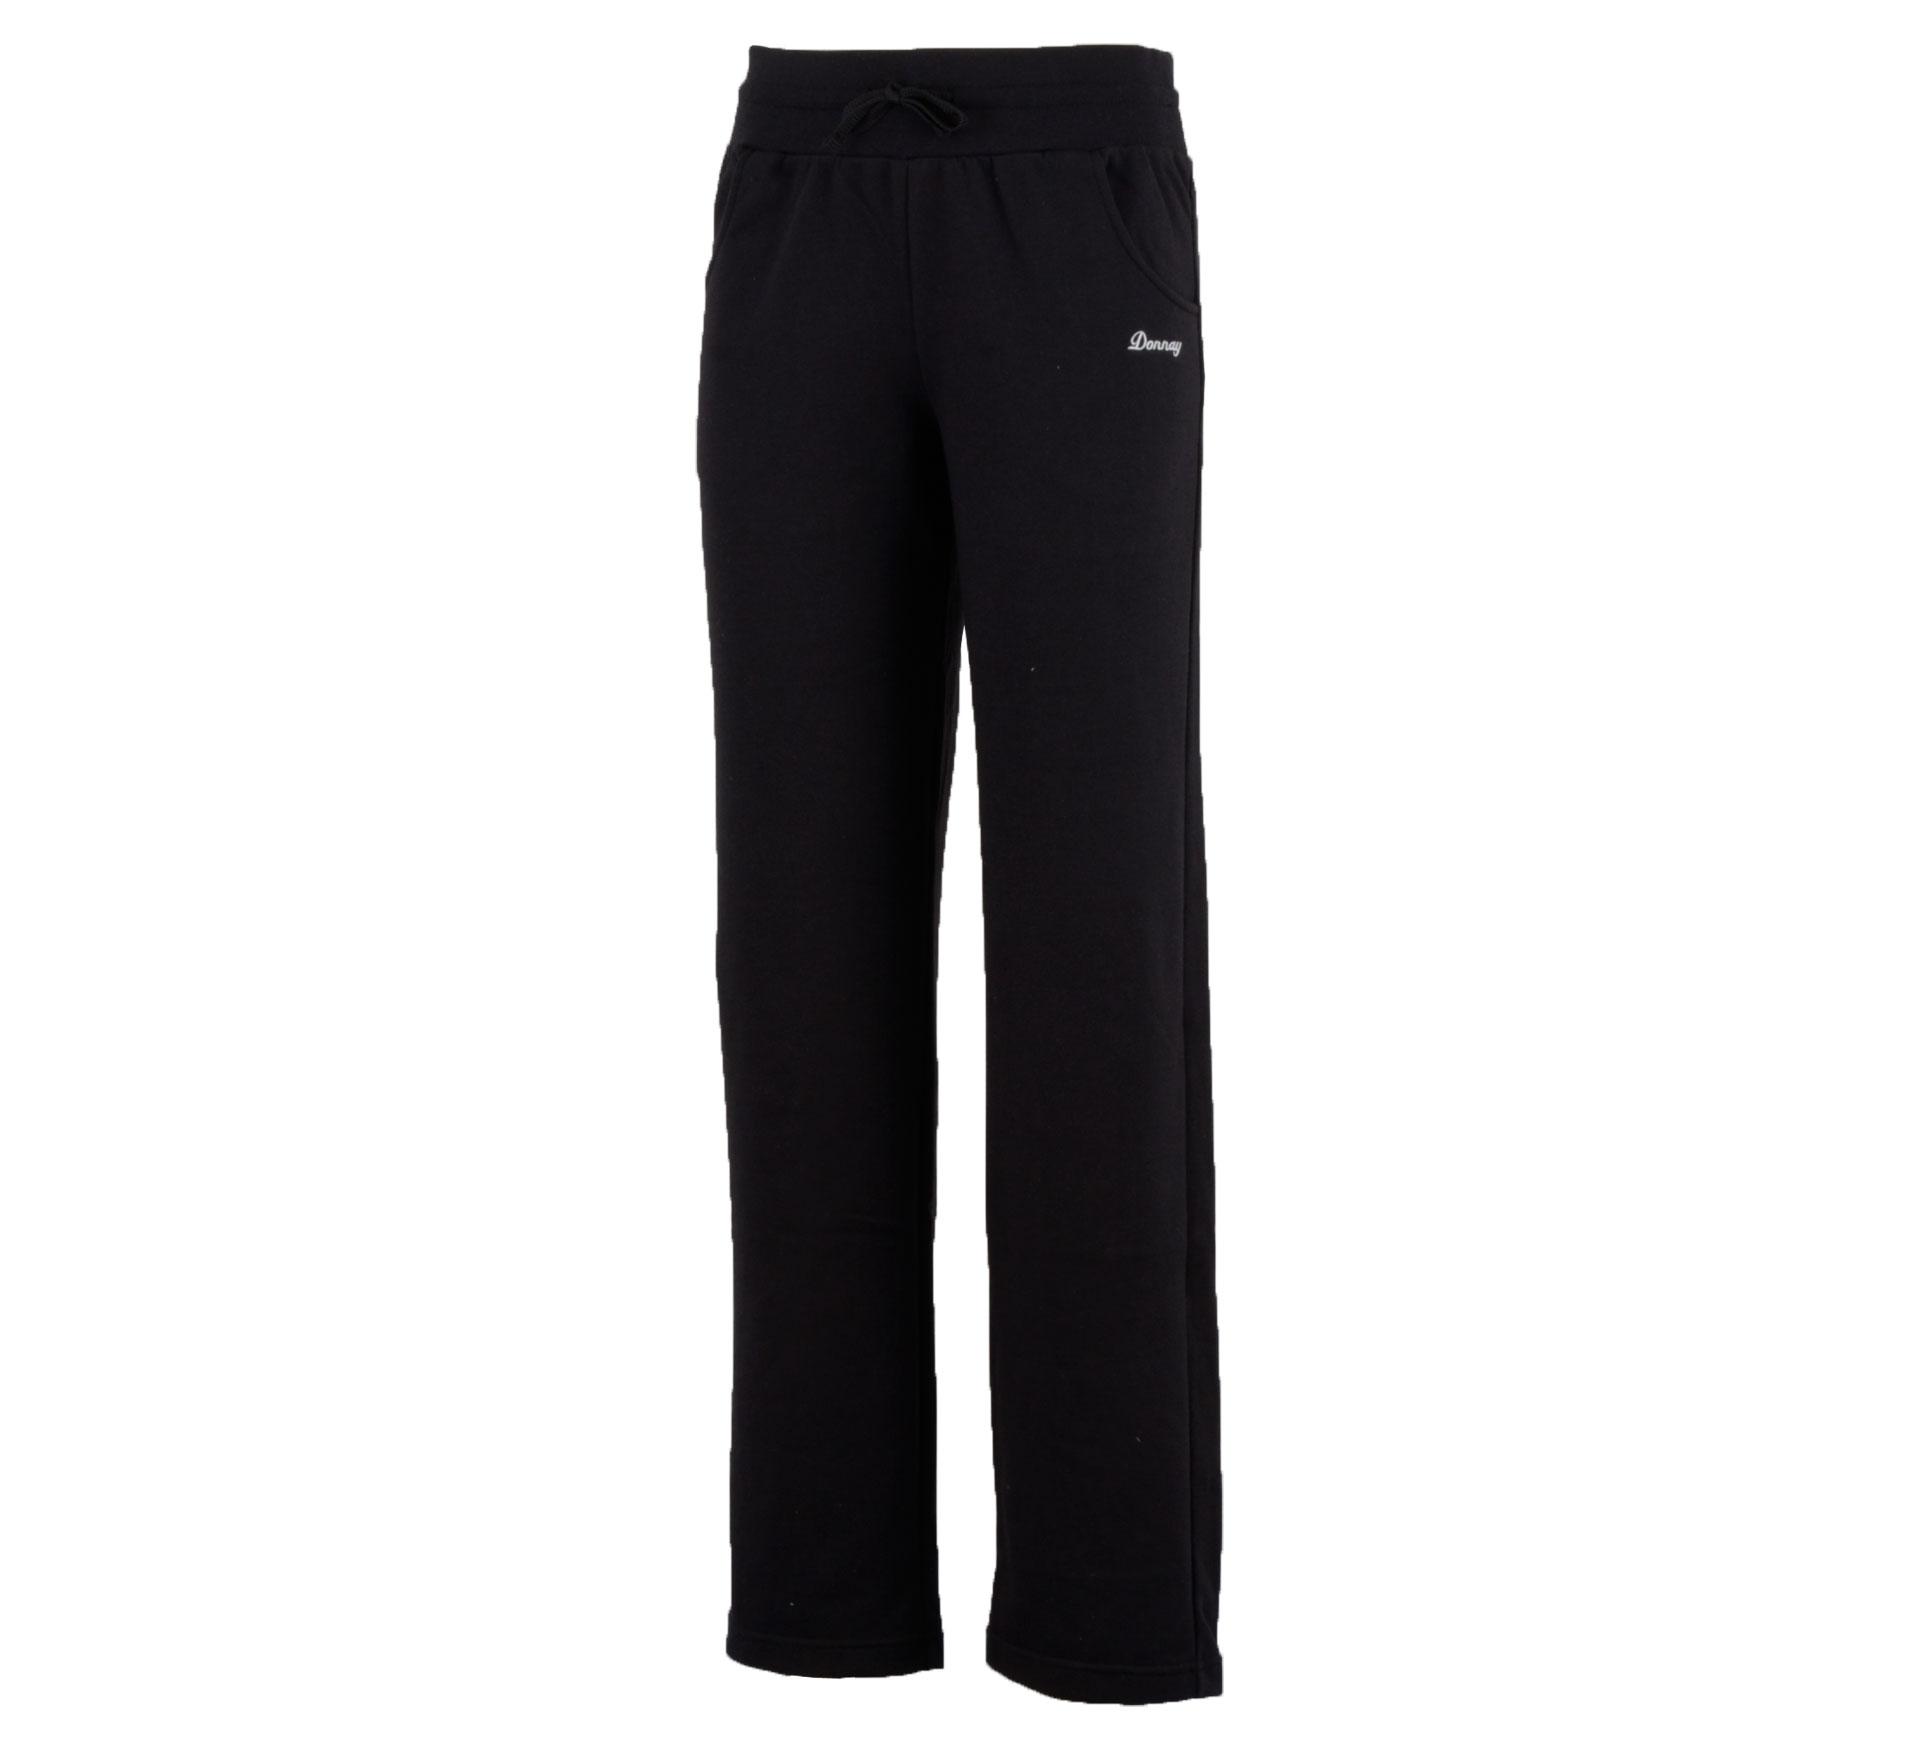 Donnay Jogging Fitnessbroek Dames zwart